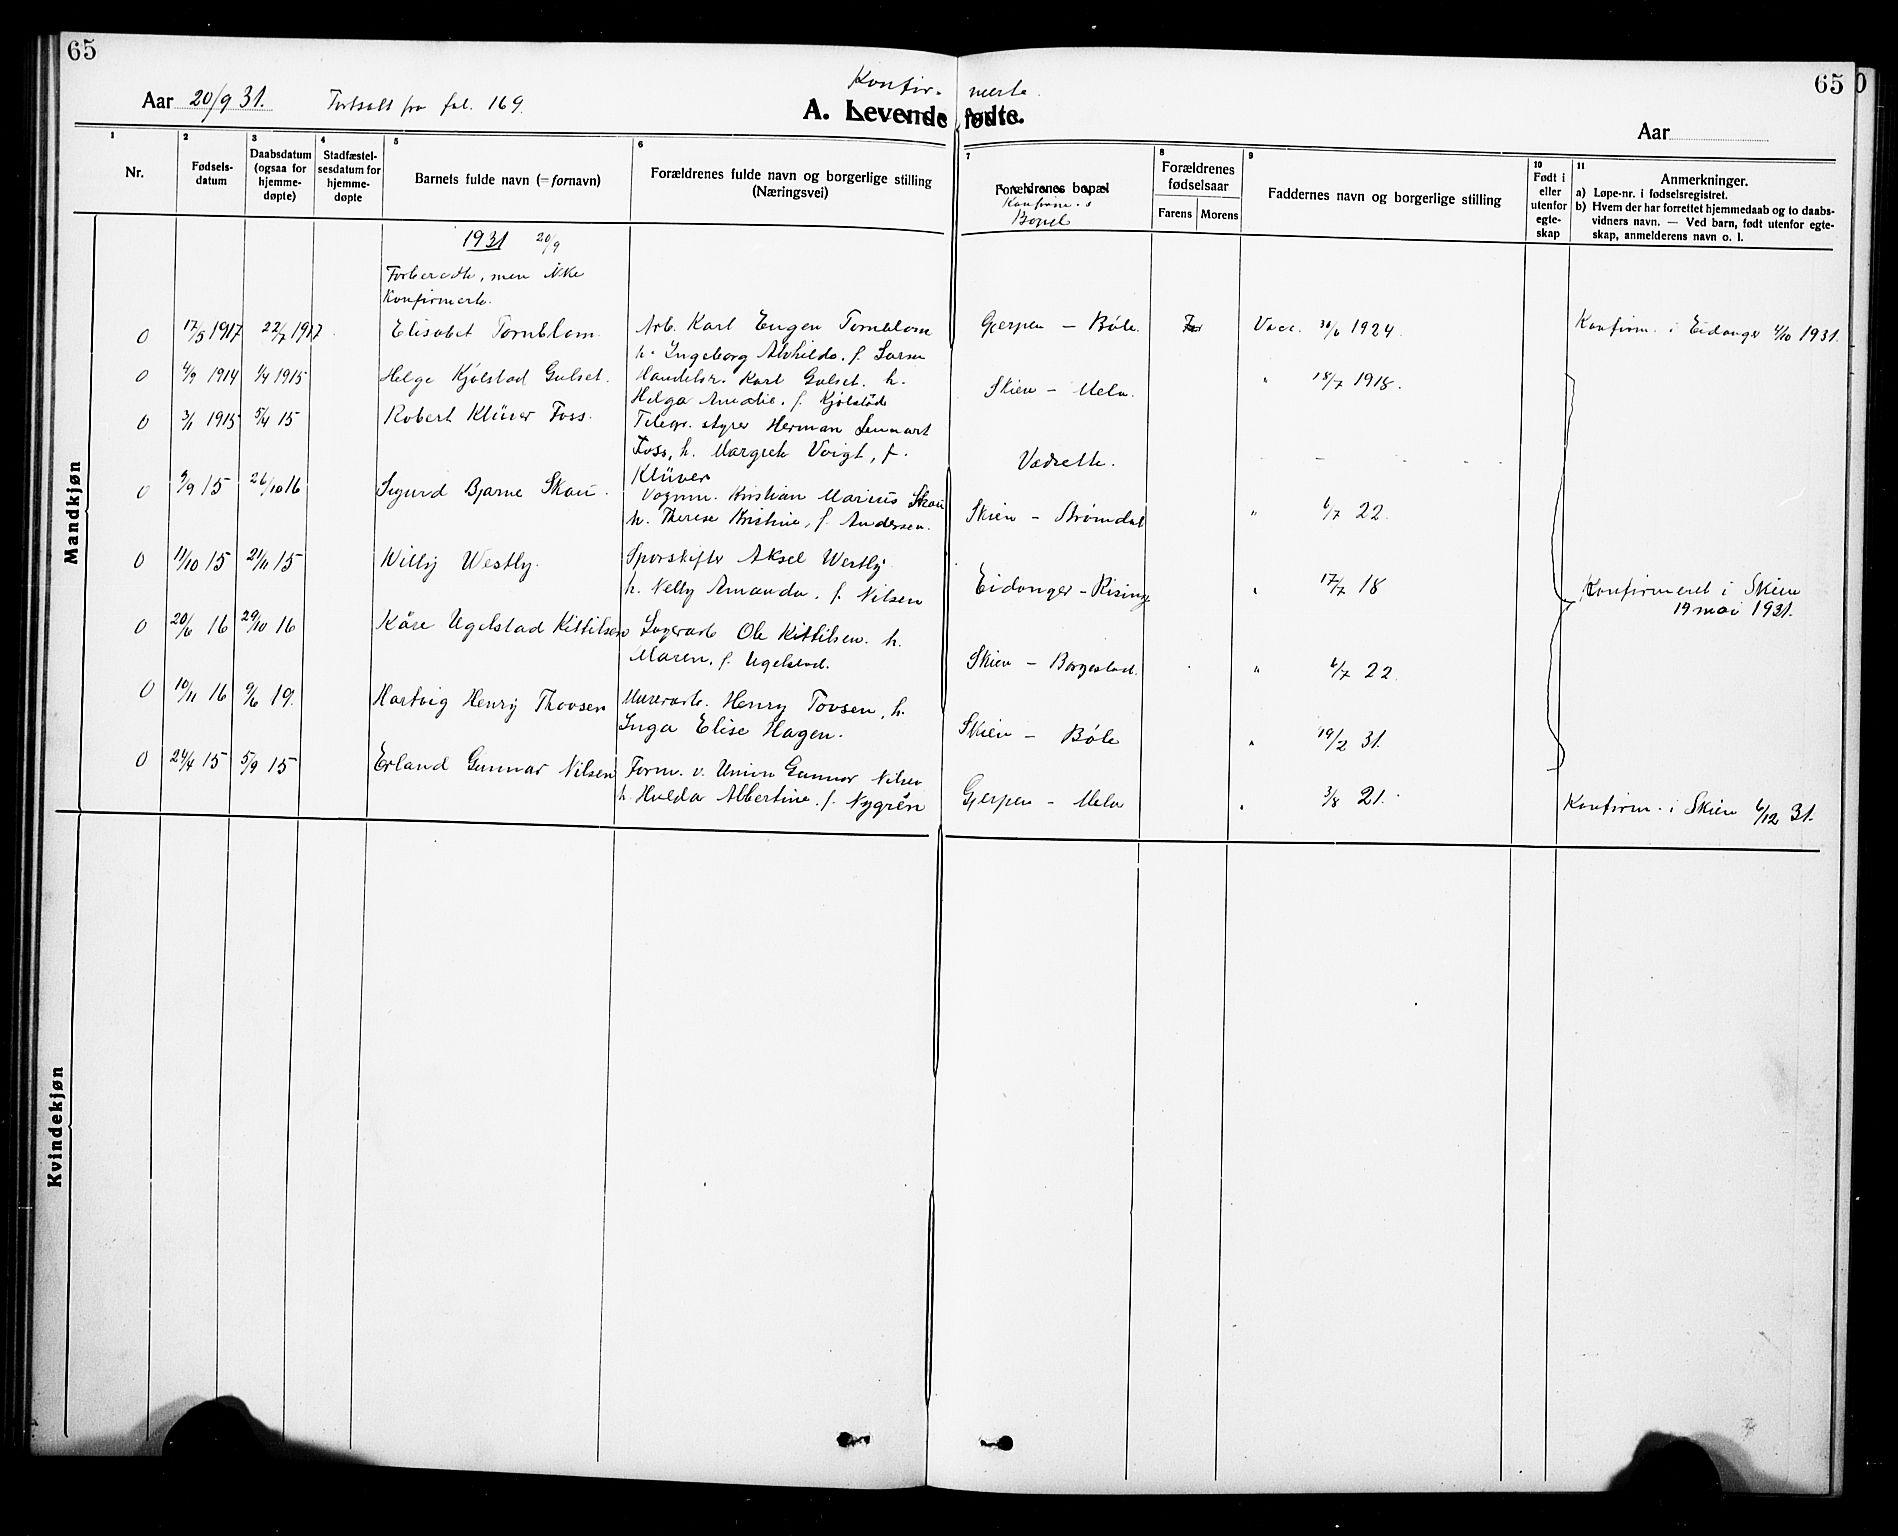 SAKO, Gjerpen kirkebøker, G/Ga/L0004: Klokkerbok nr. I 4, 1920-1931, s. 65